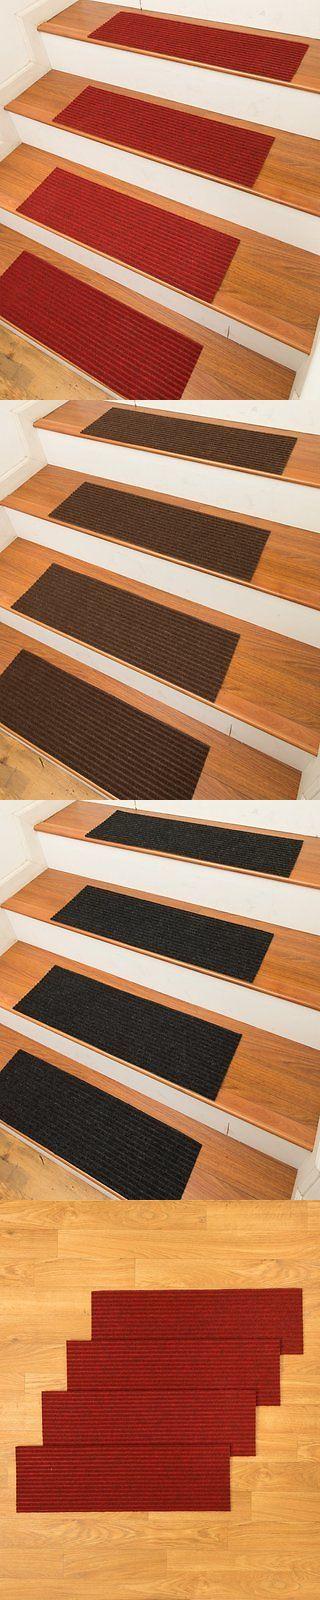 Best Stair Treads 175517 Non Slip Stairway Tread Set 13 Carpet 400 x 300